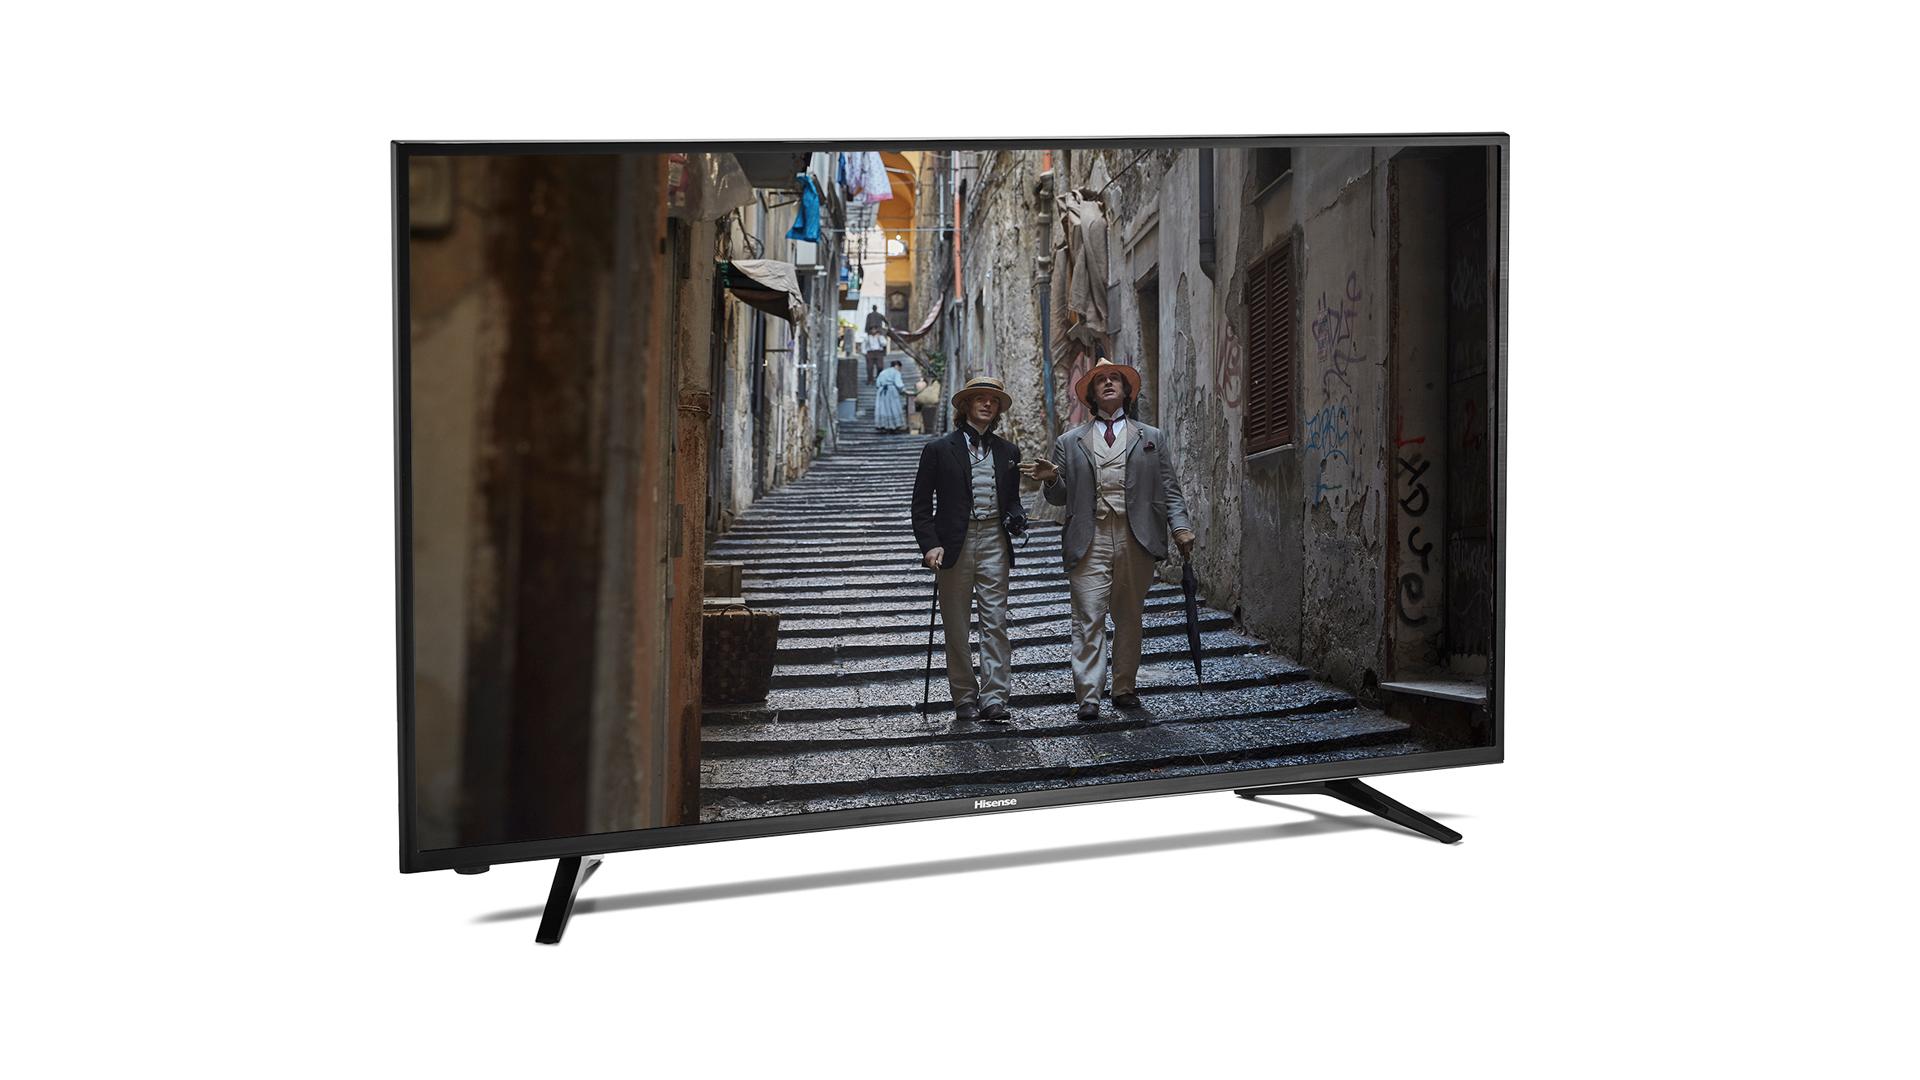 Hisense H43ae6100uk 4k Smart Tv Review What Hi Fi